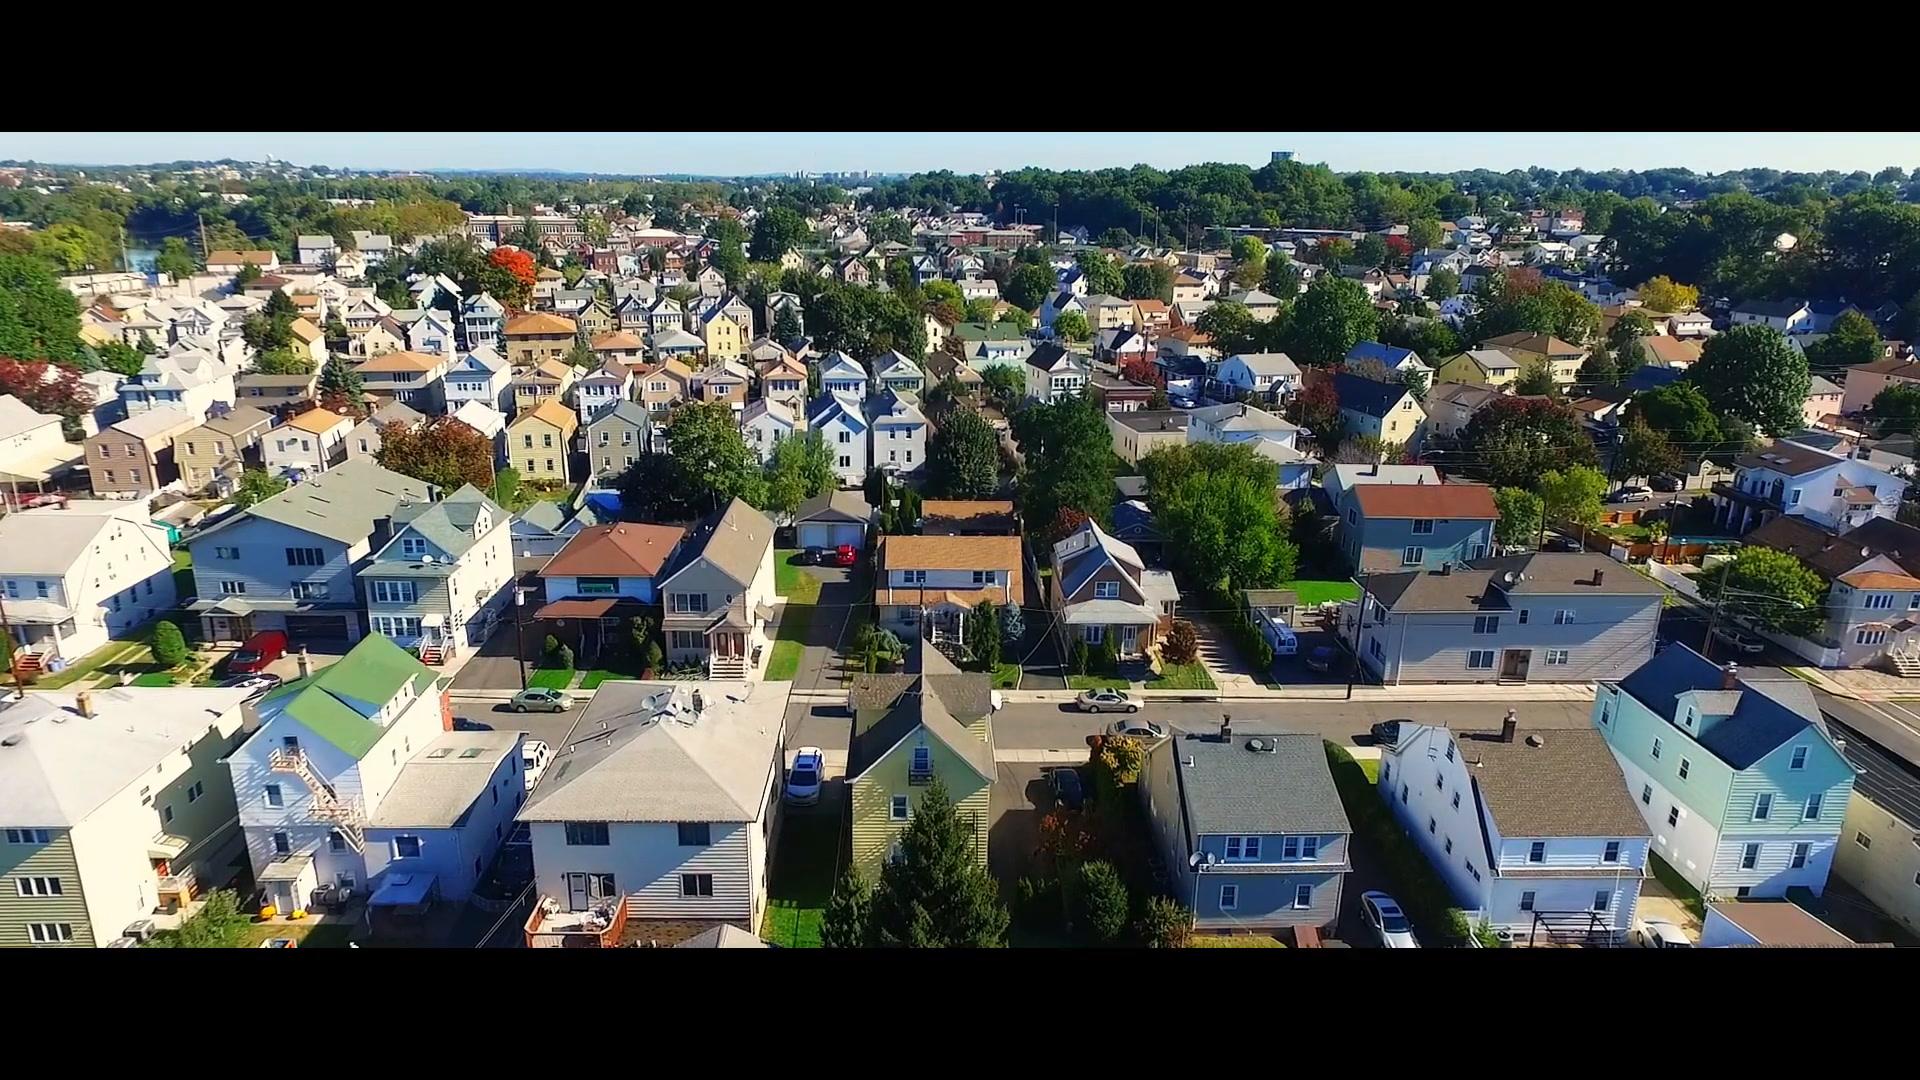 Anya + John | Carlstadt, New Jersey | Villagio